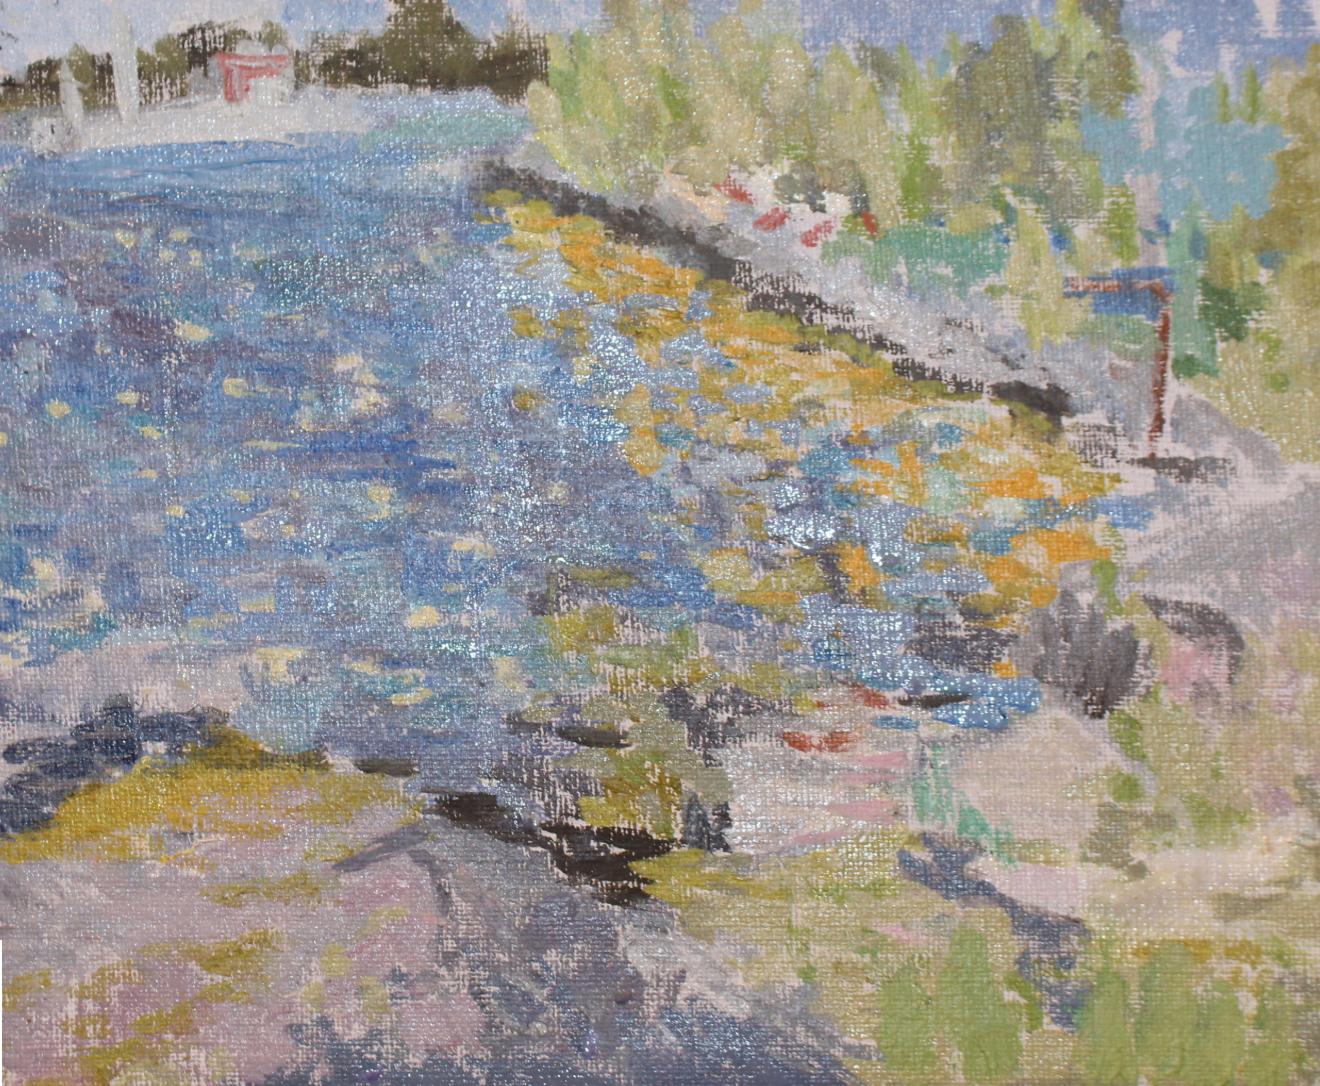 Reflection, Oil on linen, 22x27 cm.jpg